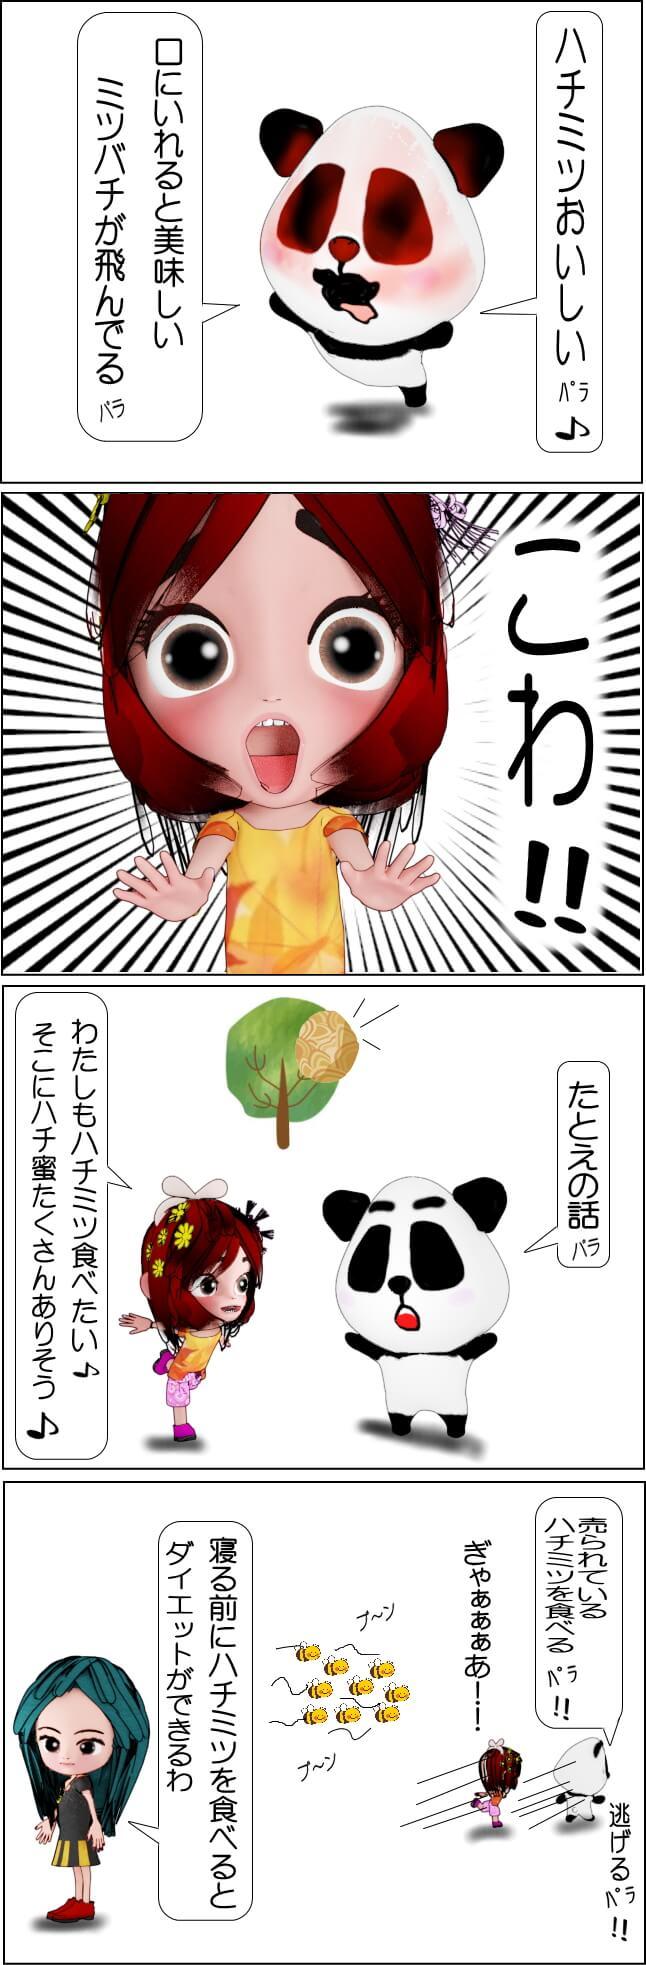 ハチミツを寝る前に食べると痩せる!「4コマ漫画」